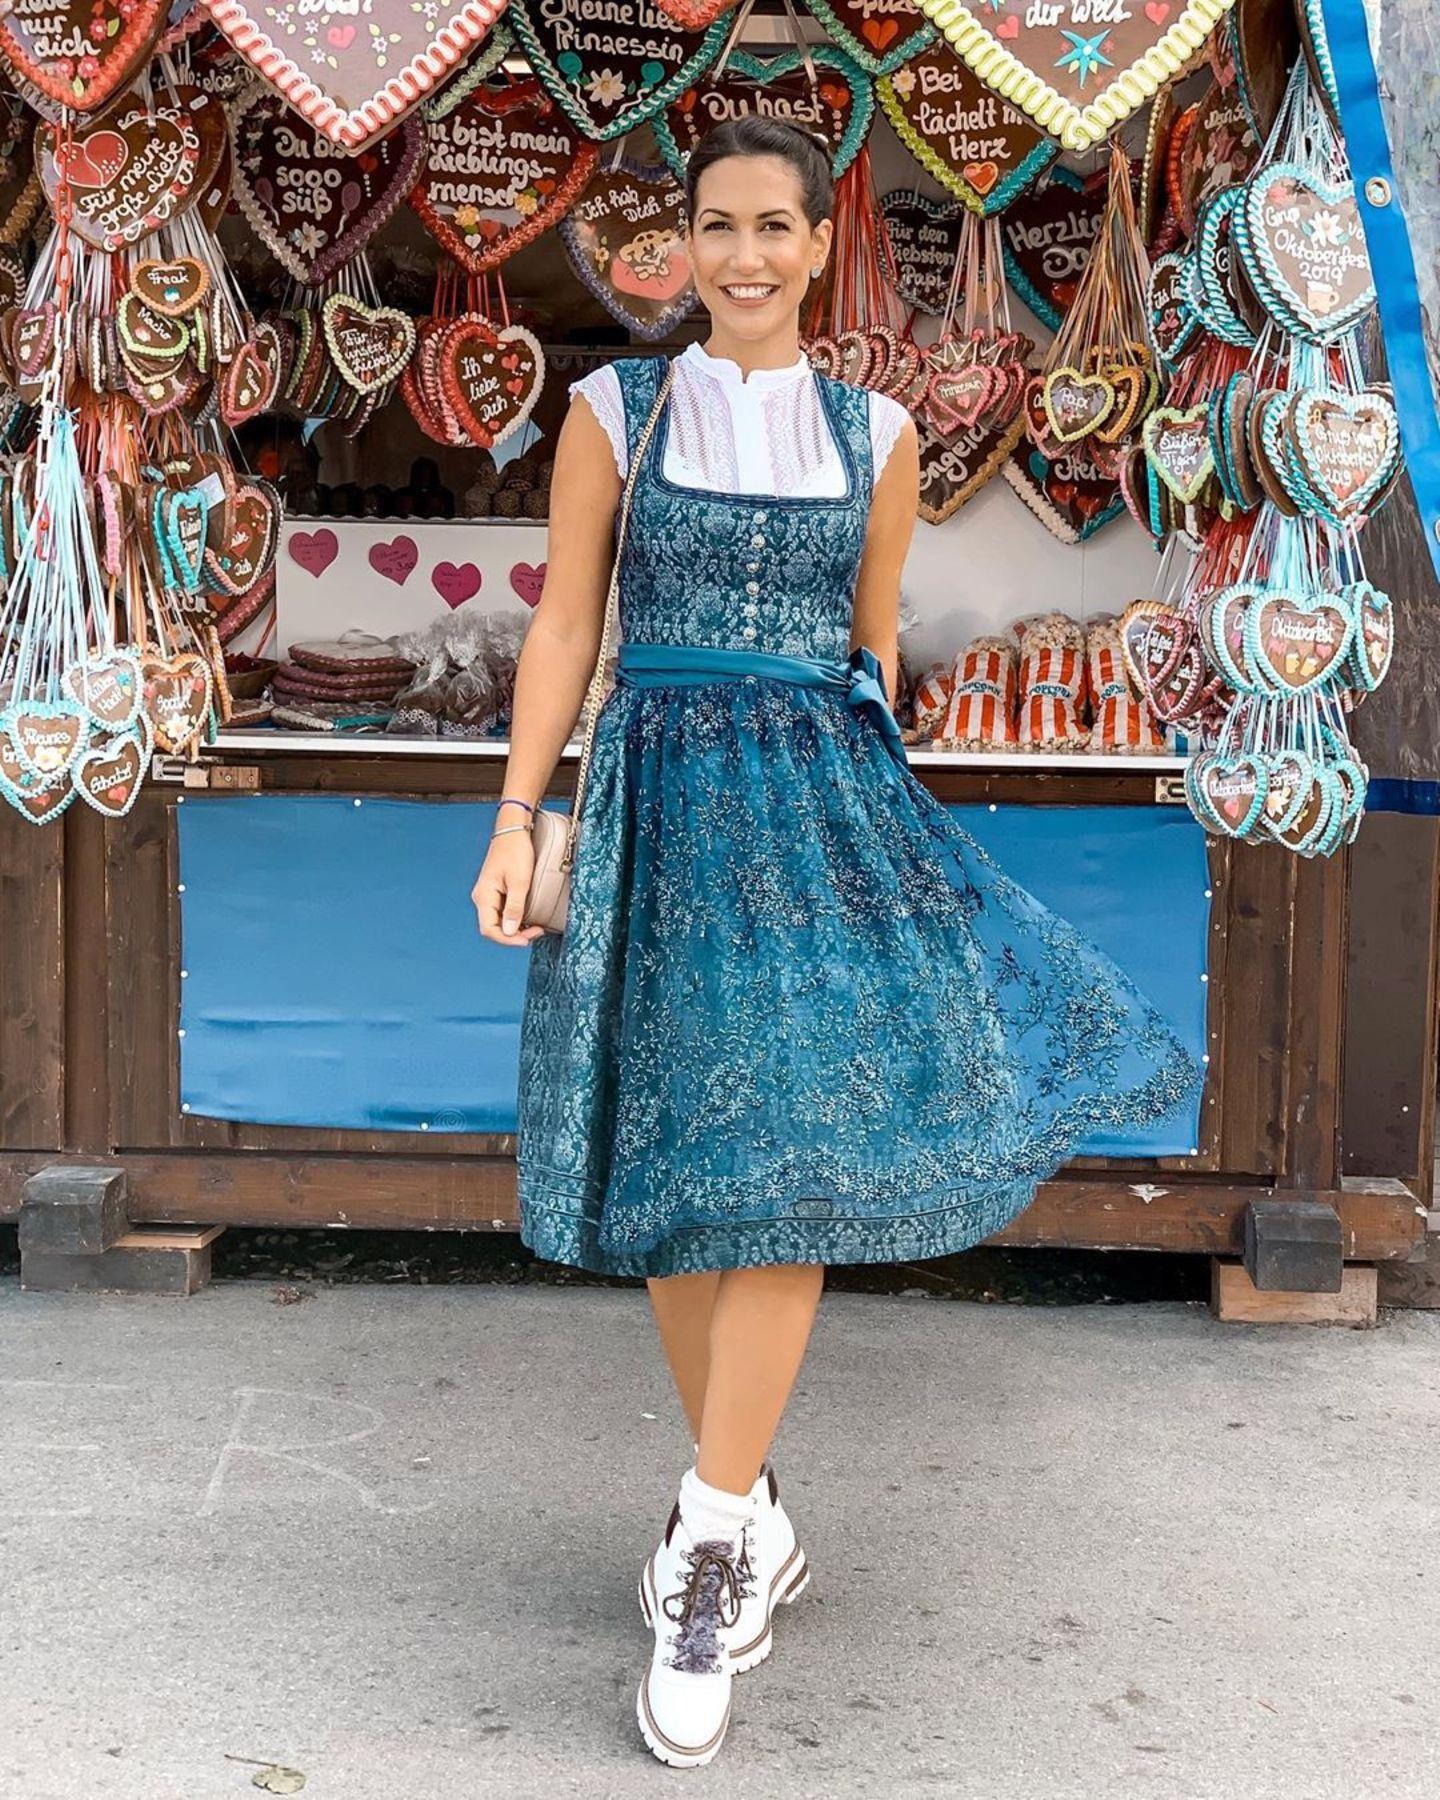 Clea-Lacy Juhn ist erst zum zweiten Mal auf dem Oktoberfest und freut sich besonders über die Stimmung und das lecker Essen.